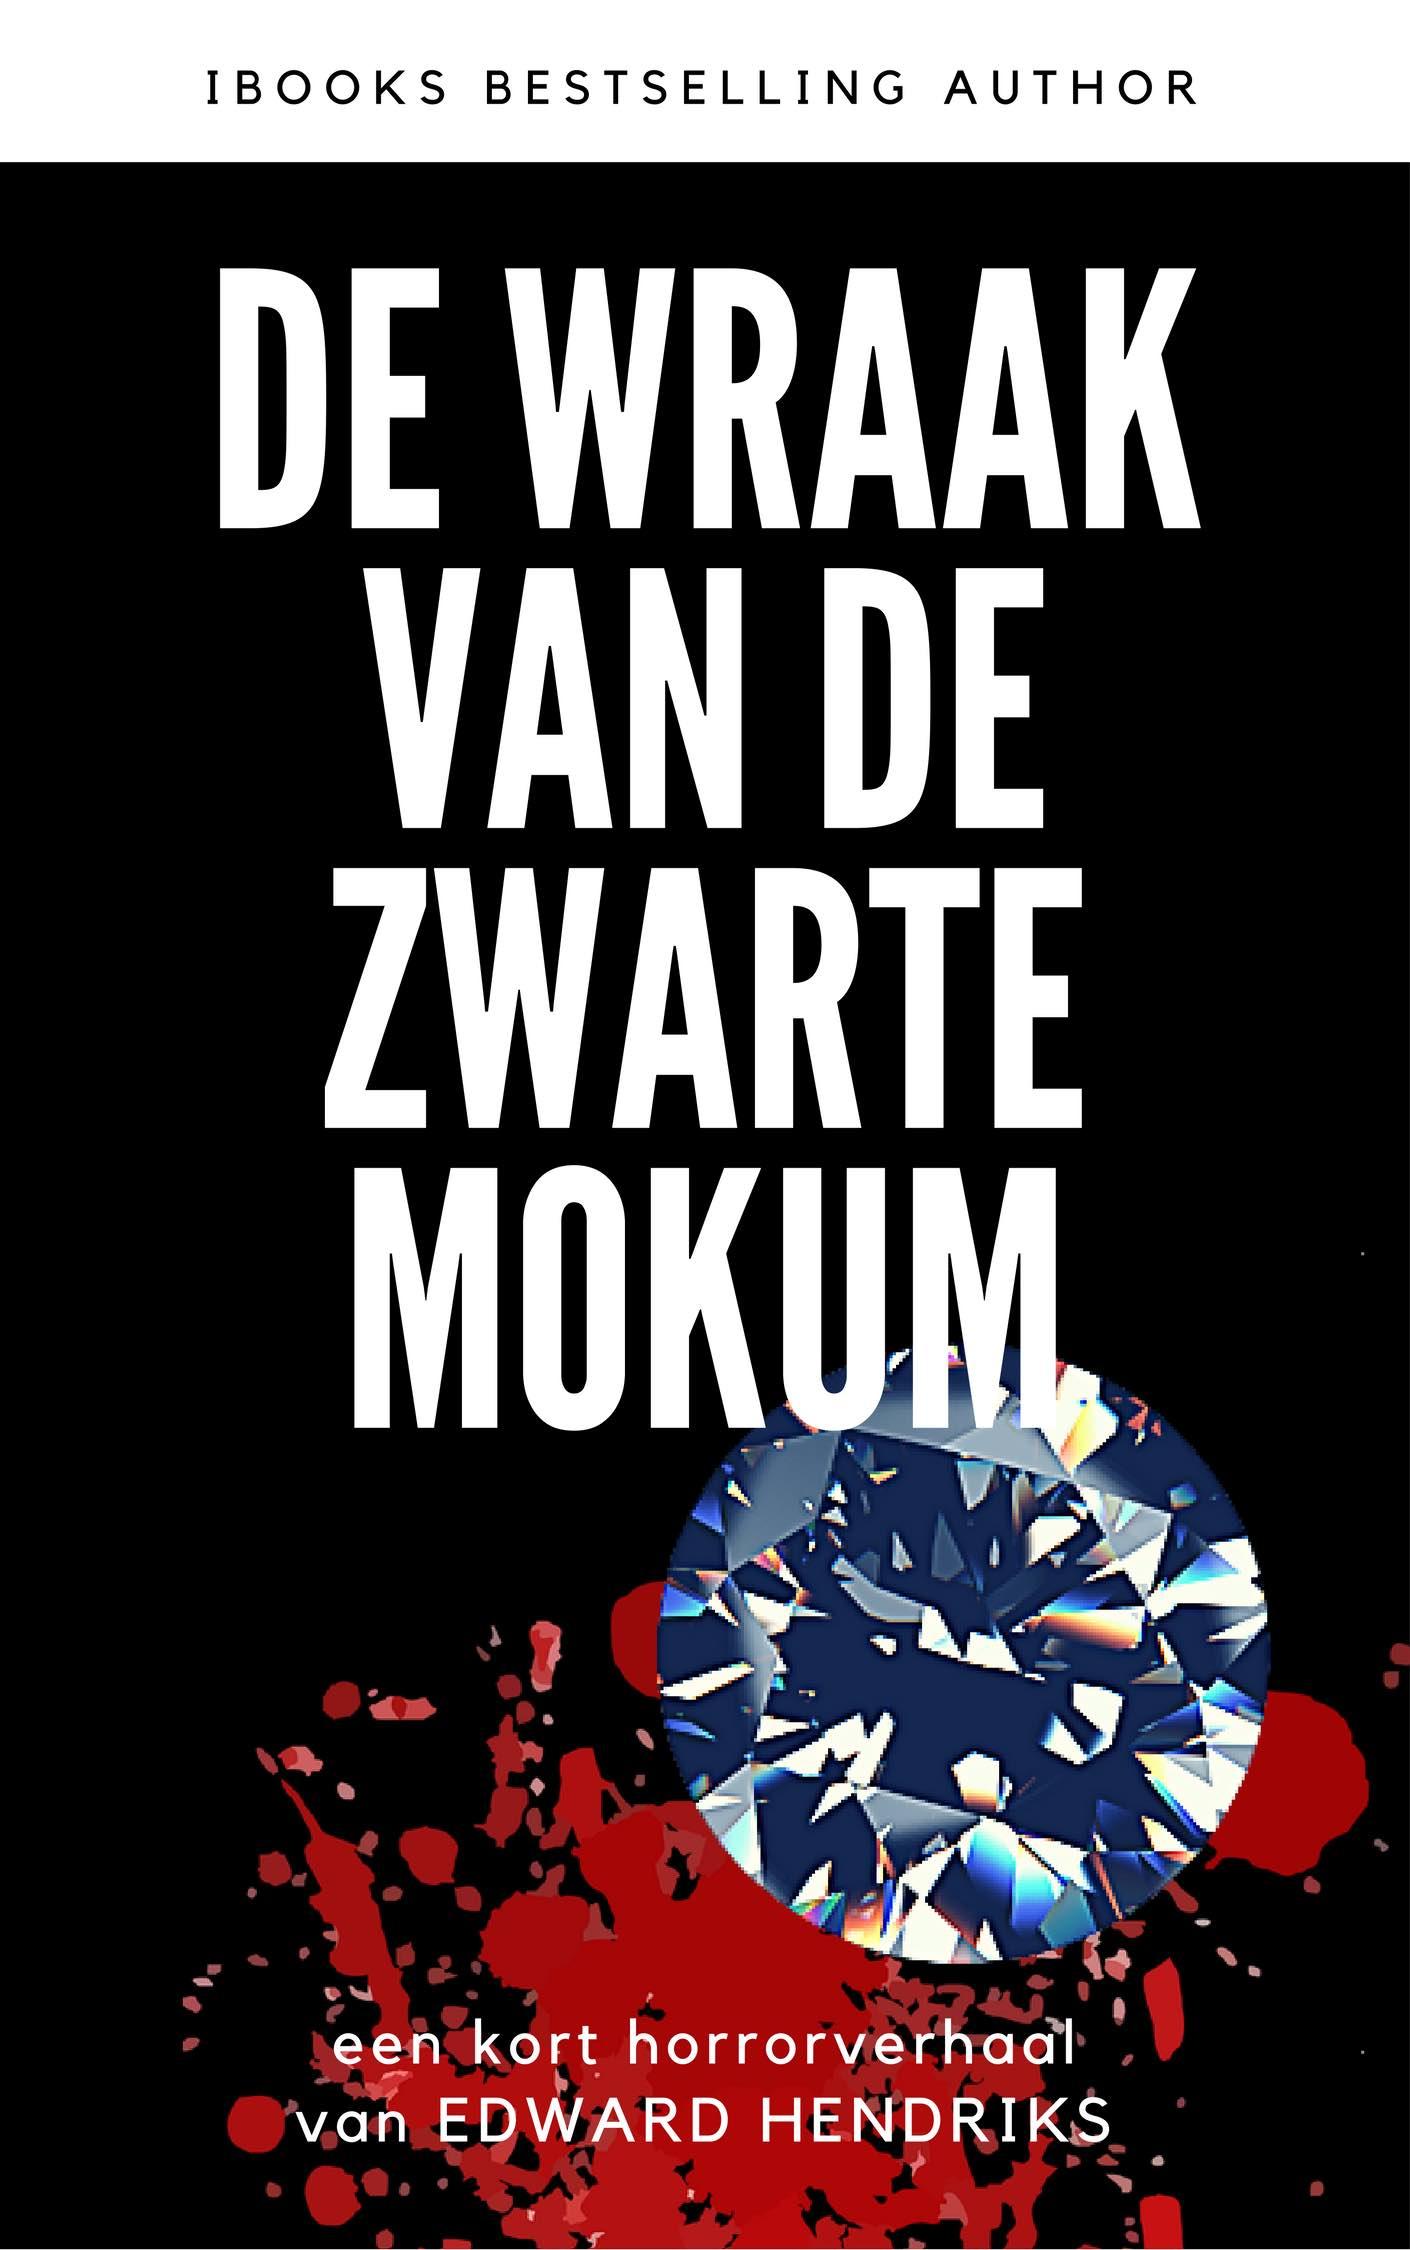 Gratis ebook: de WRAAK VAN DE ZWARTE MOKUM